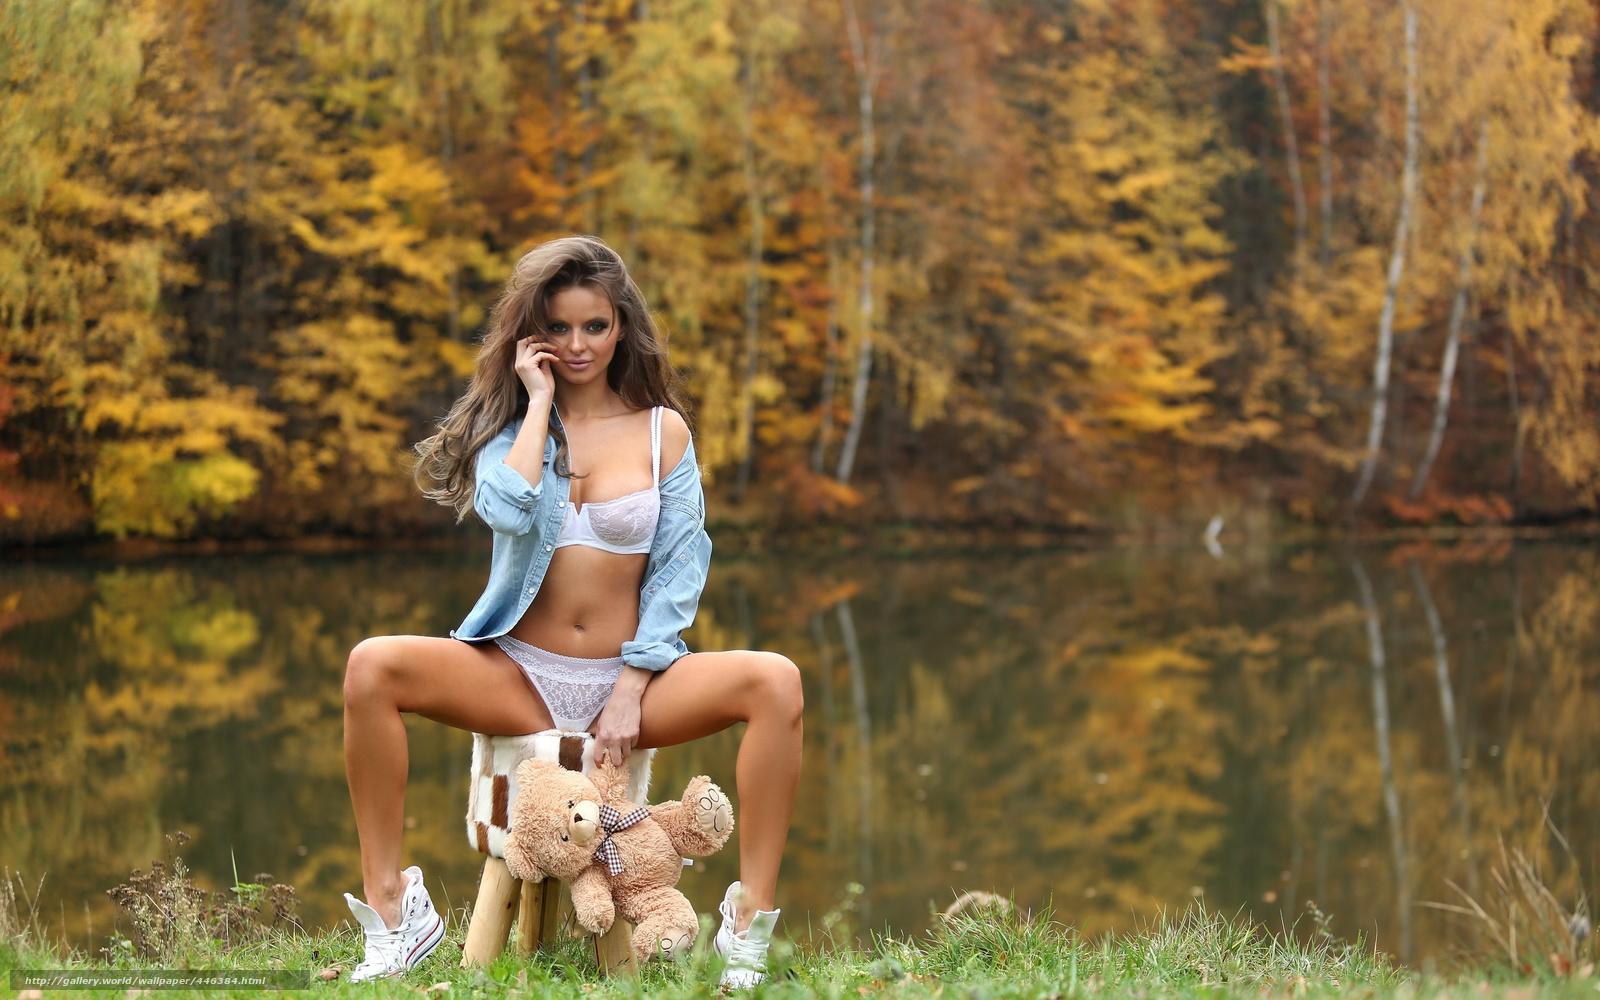 С женой на реке фото 9 фотография